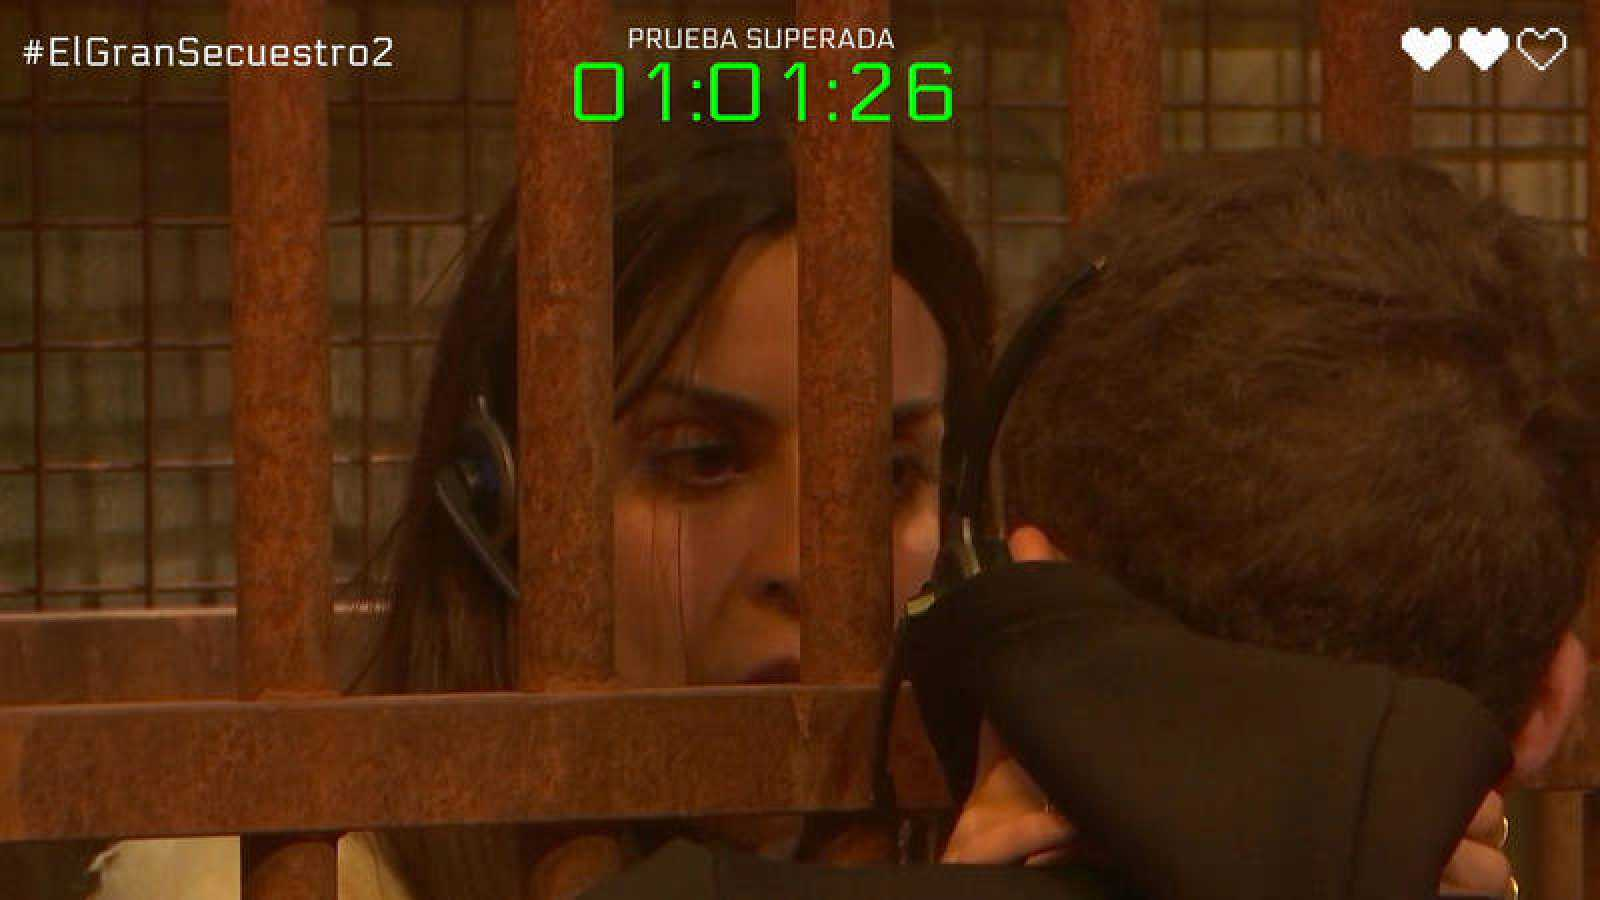 Ruth, atrapada en la jaula, se despide de Arkano y le anima a continuar solo